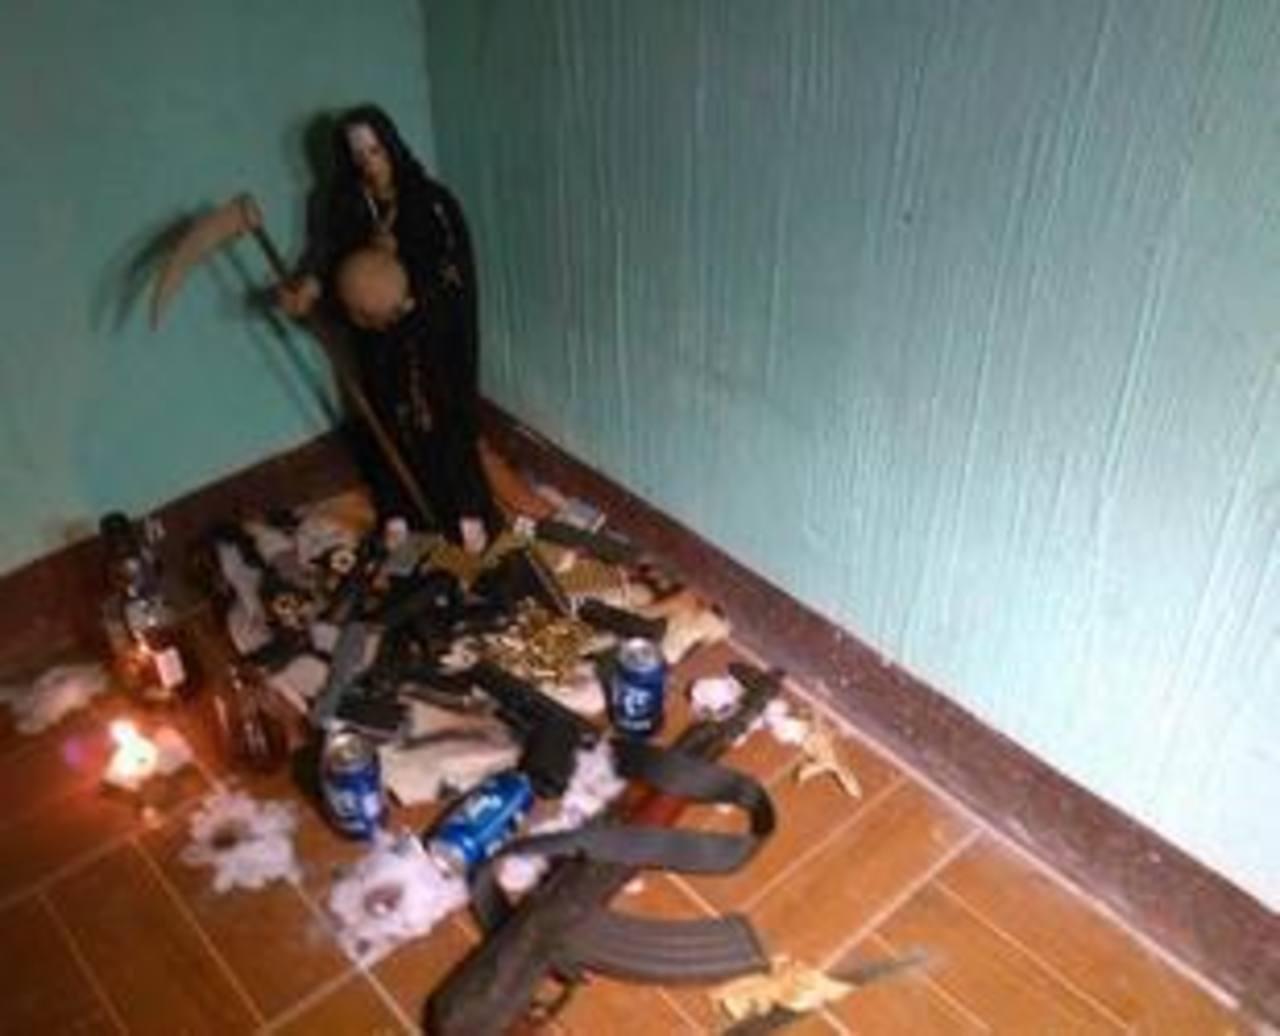 Hallan cadáver, armas y altar satánico en casa de pandilleros en Guatemala